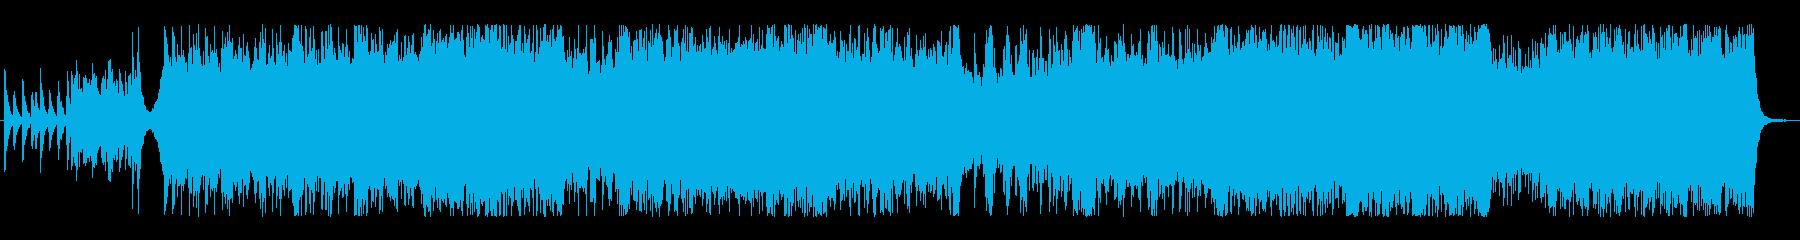 壮大なケルト 民族音楽【分奏ver】の再生済みの波形